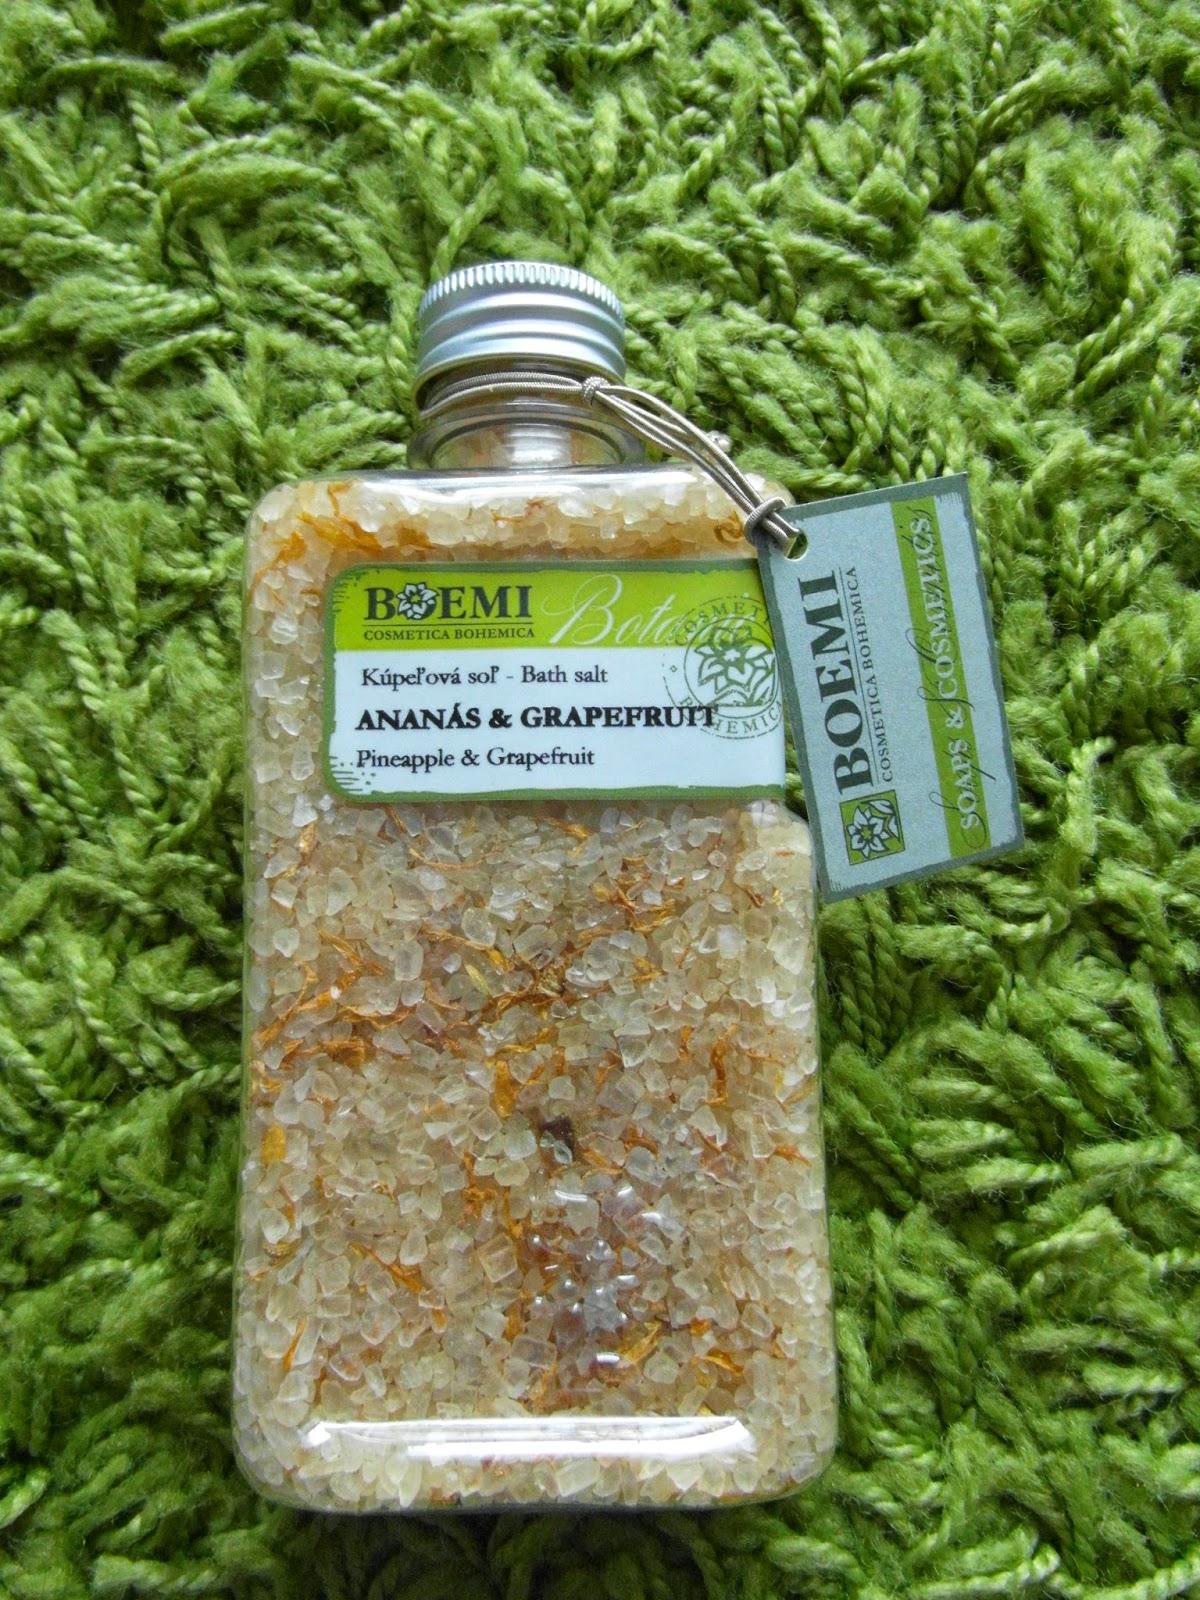 Kúpeľová soľ Boemi